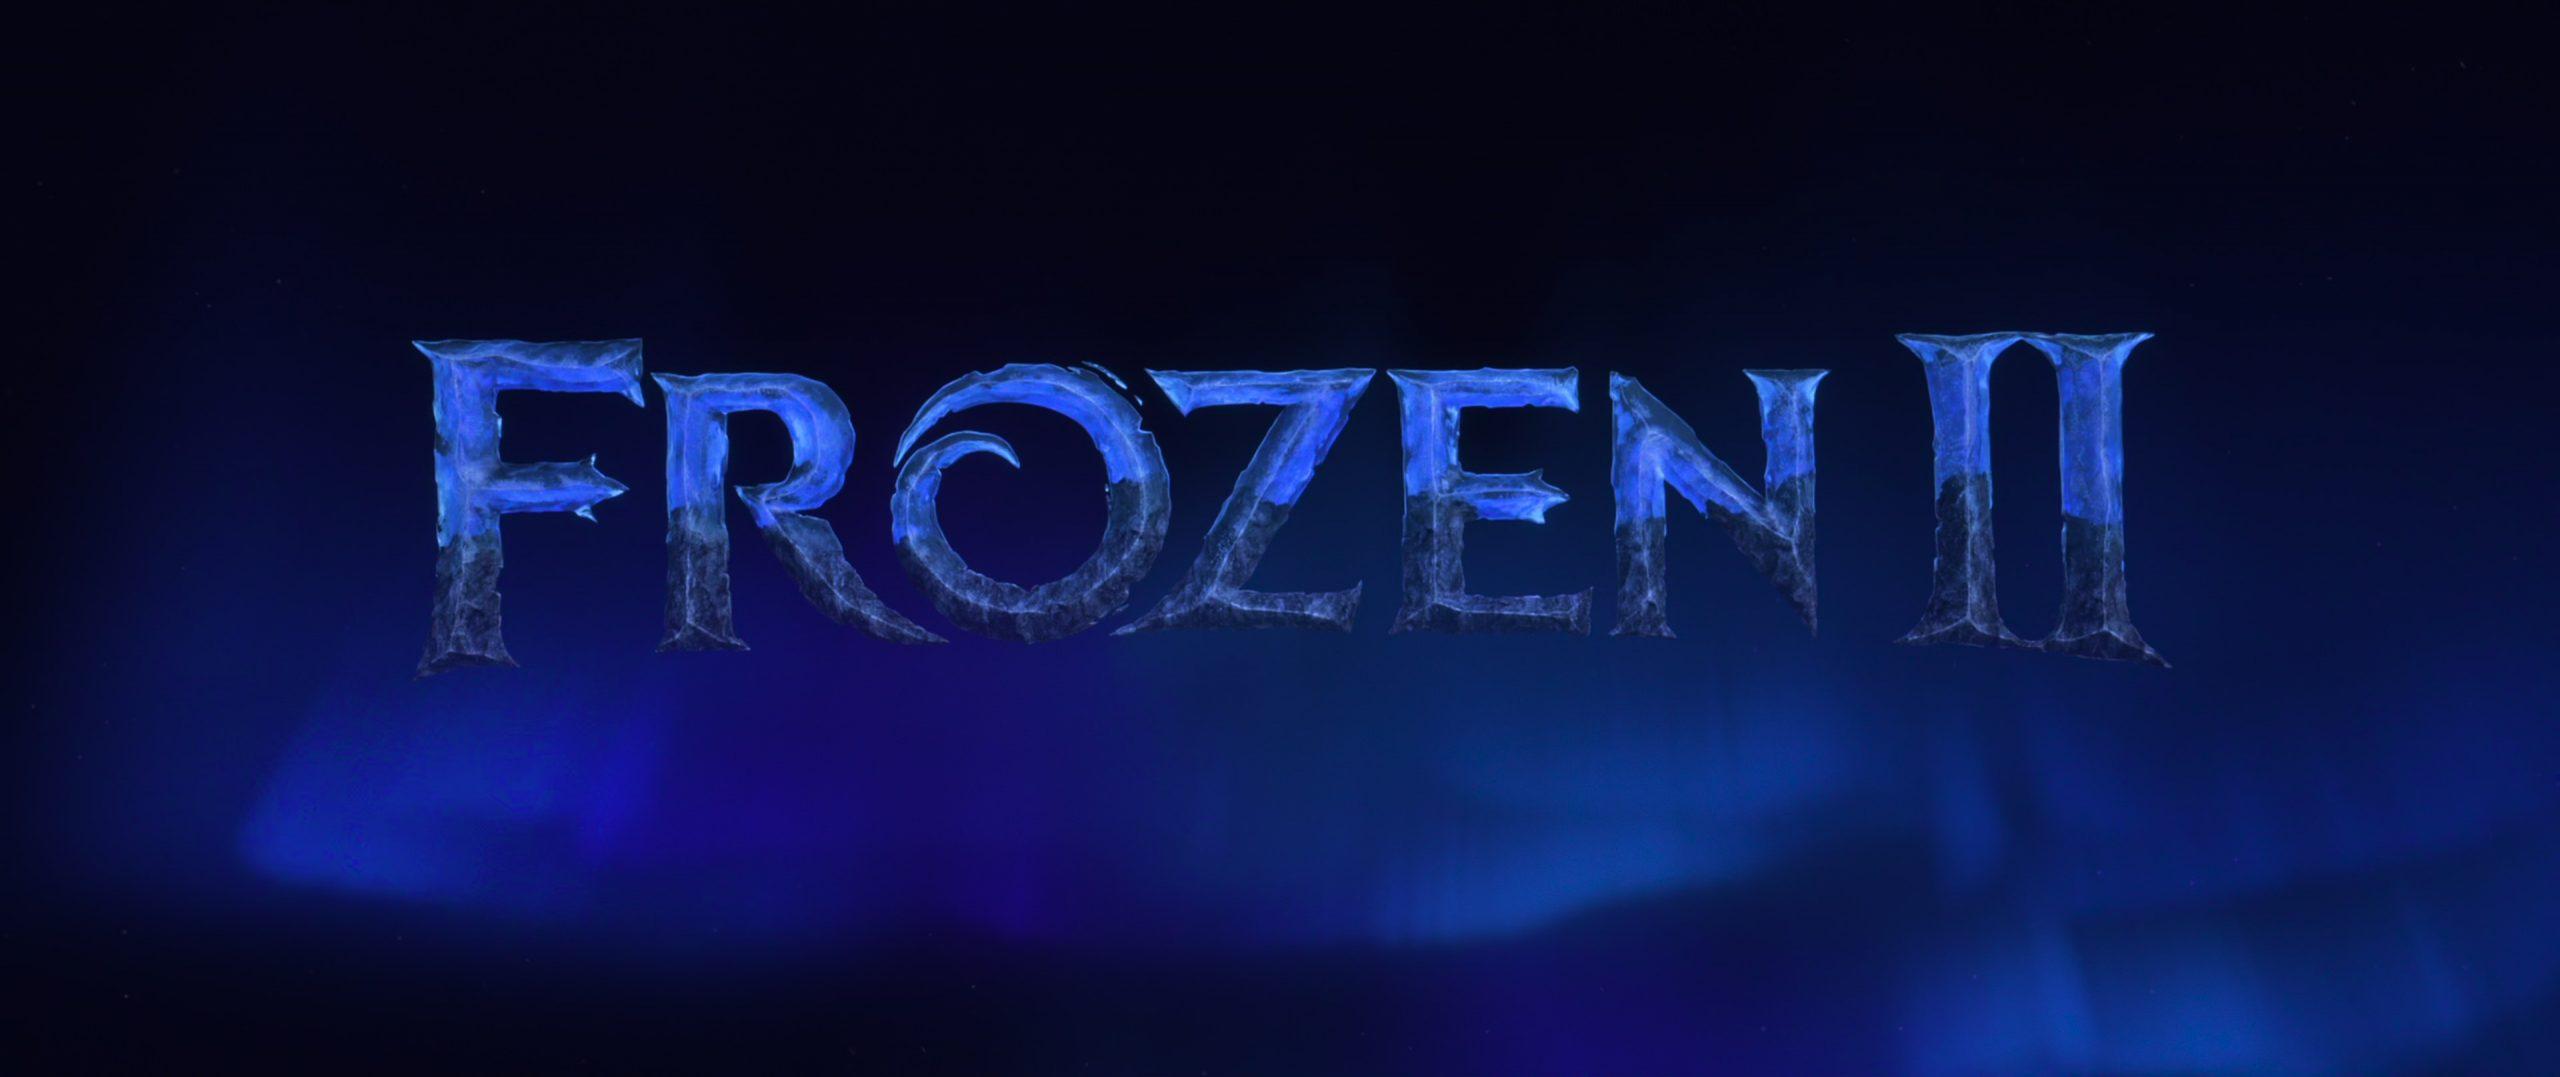 Frozen II (2019) [4K]